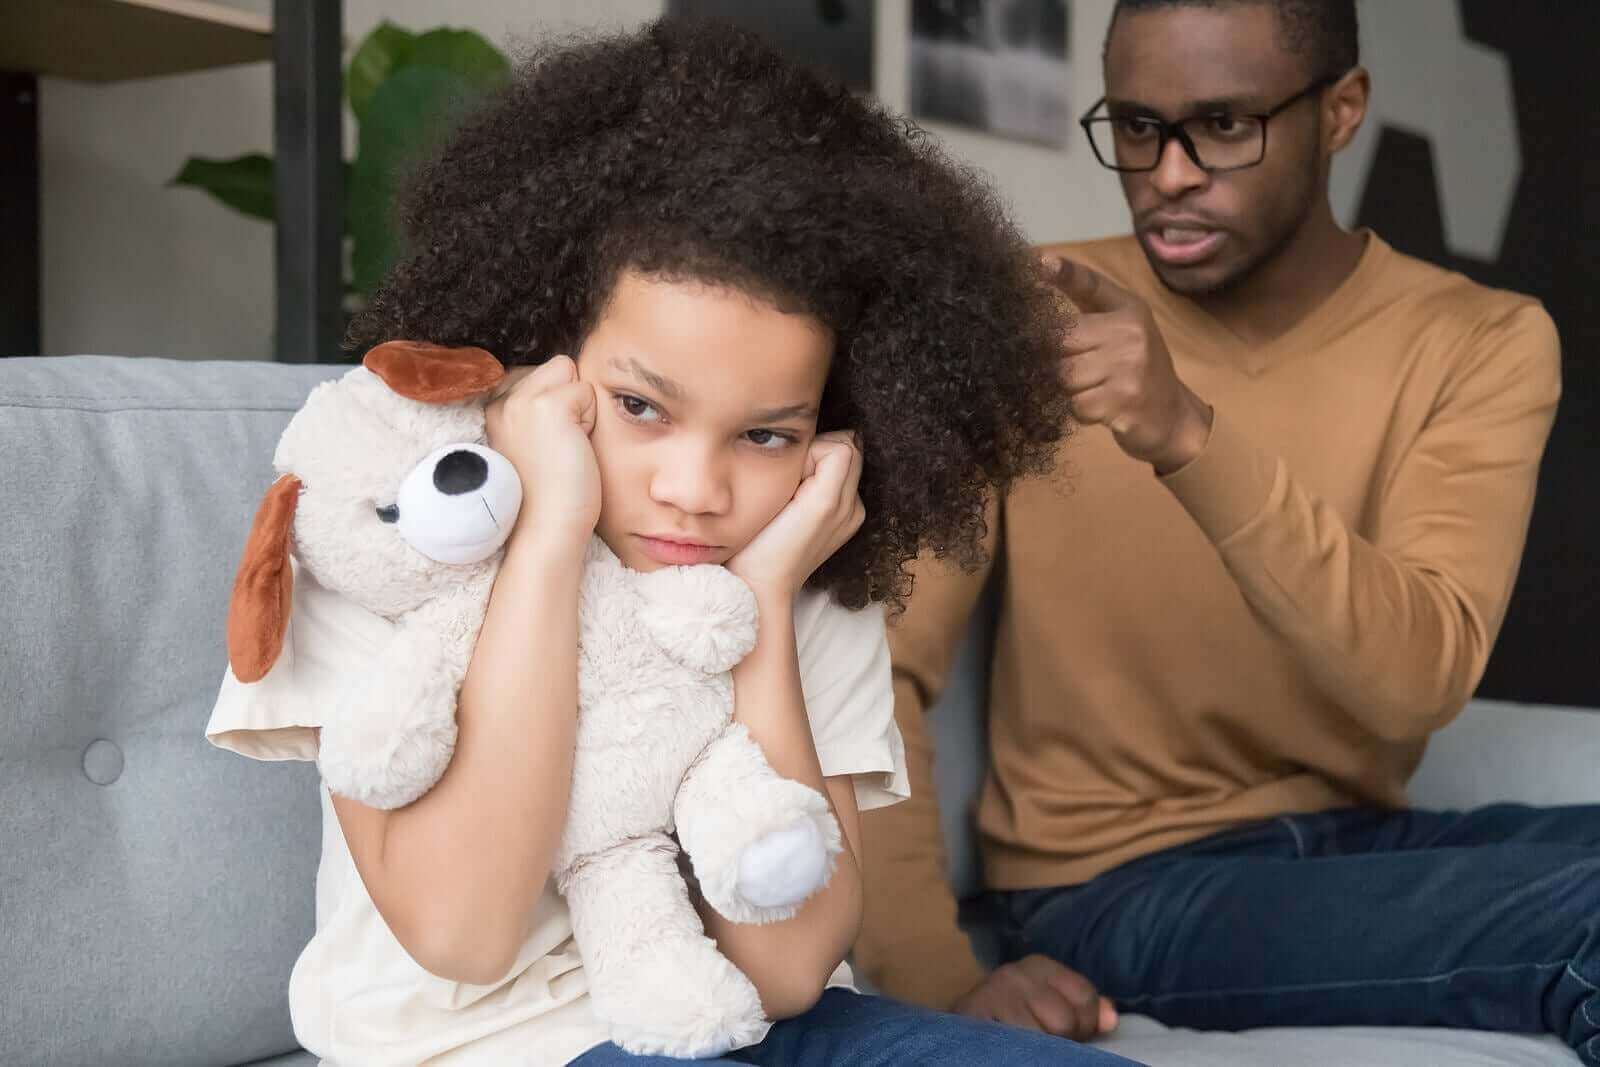 Oranssi sarvikuono -tekniikka auttaa lopettamaan lapselle huutamisen